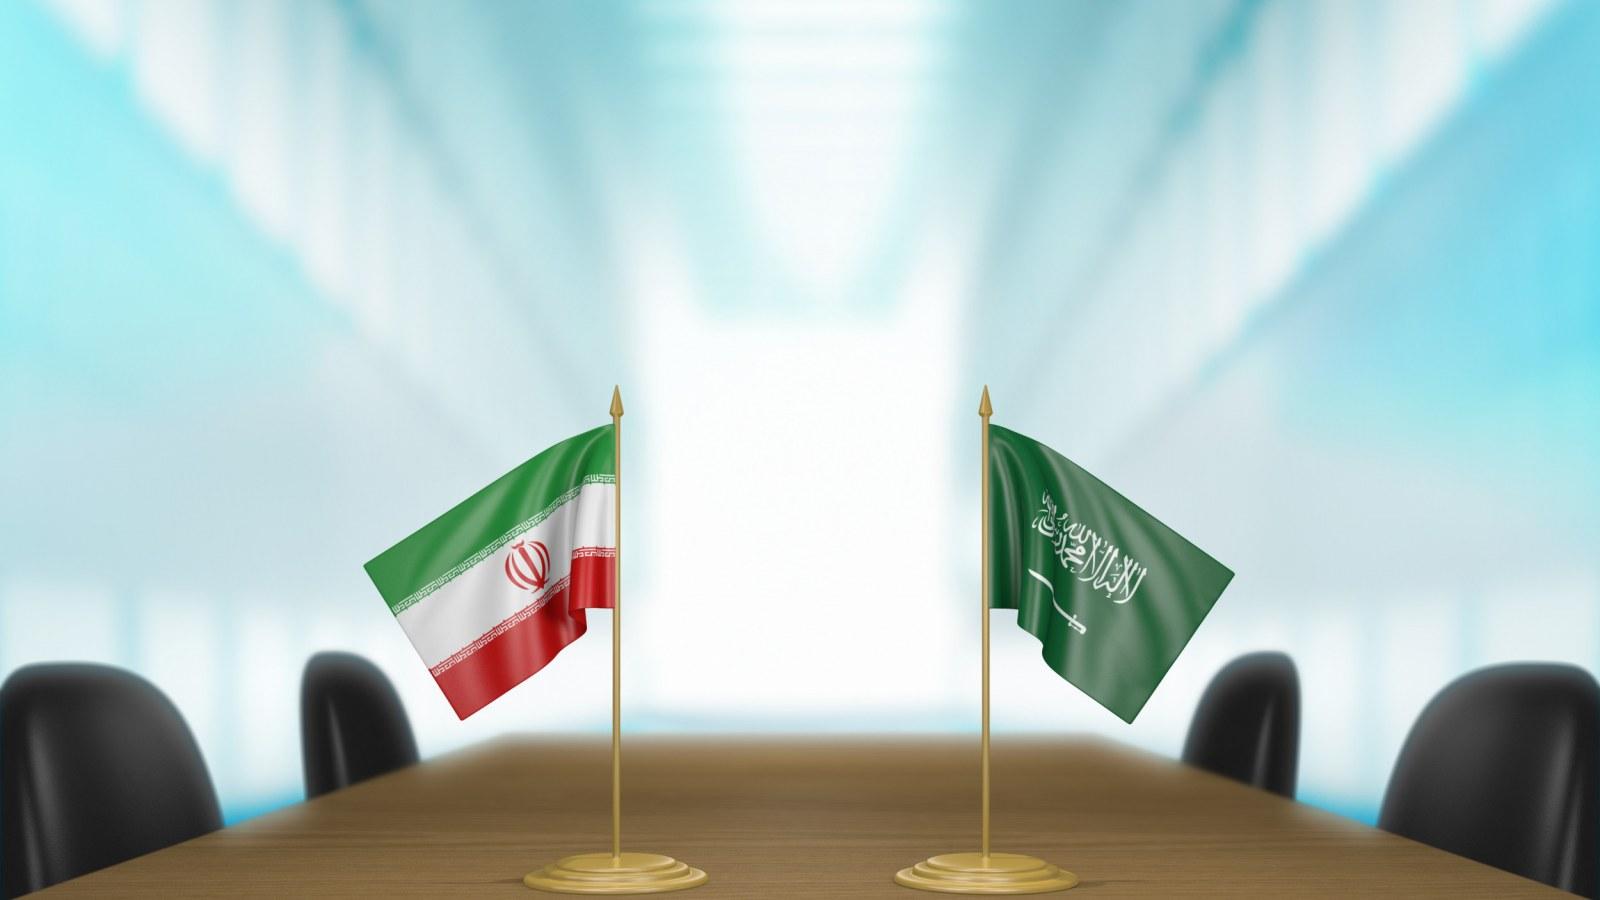 ایران و عربستان سعودی / محمد بن سلمان / مصطفی الکاظمی / جنگ یمن